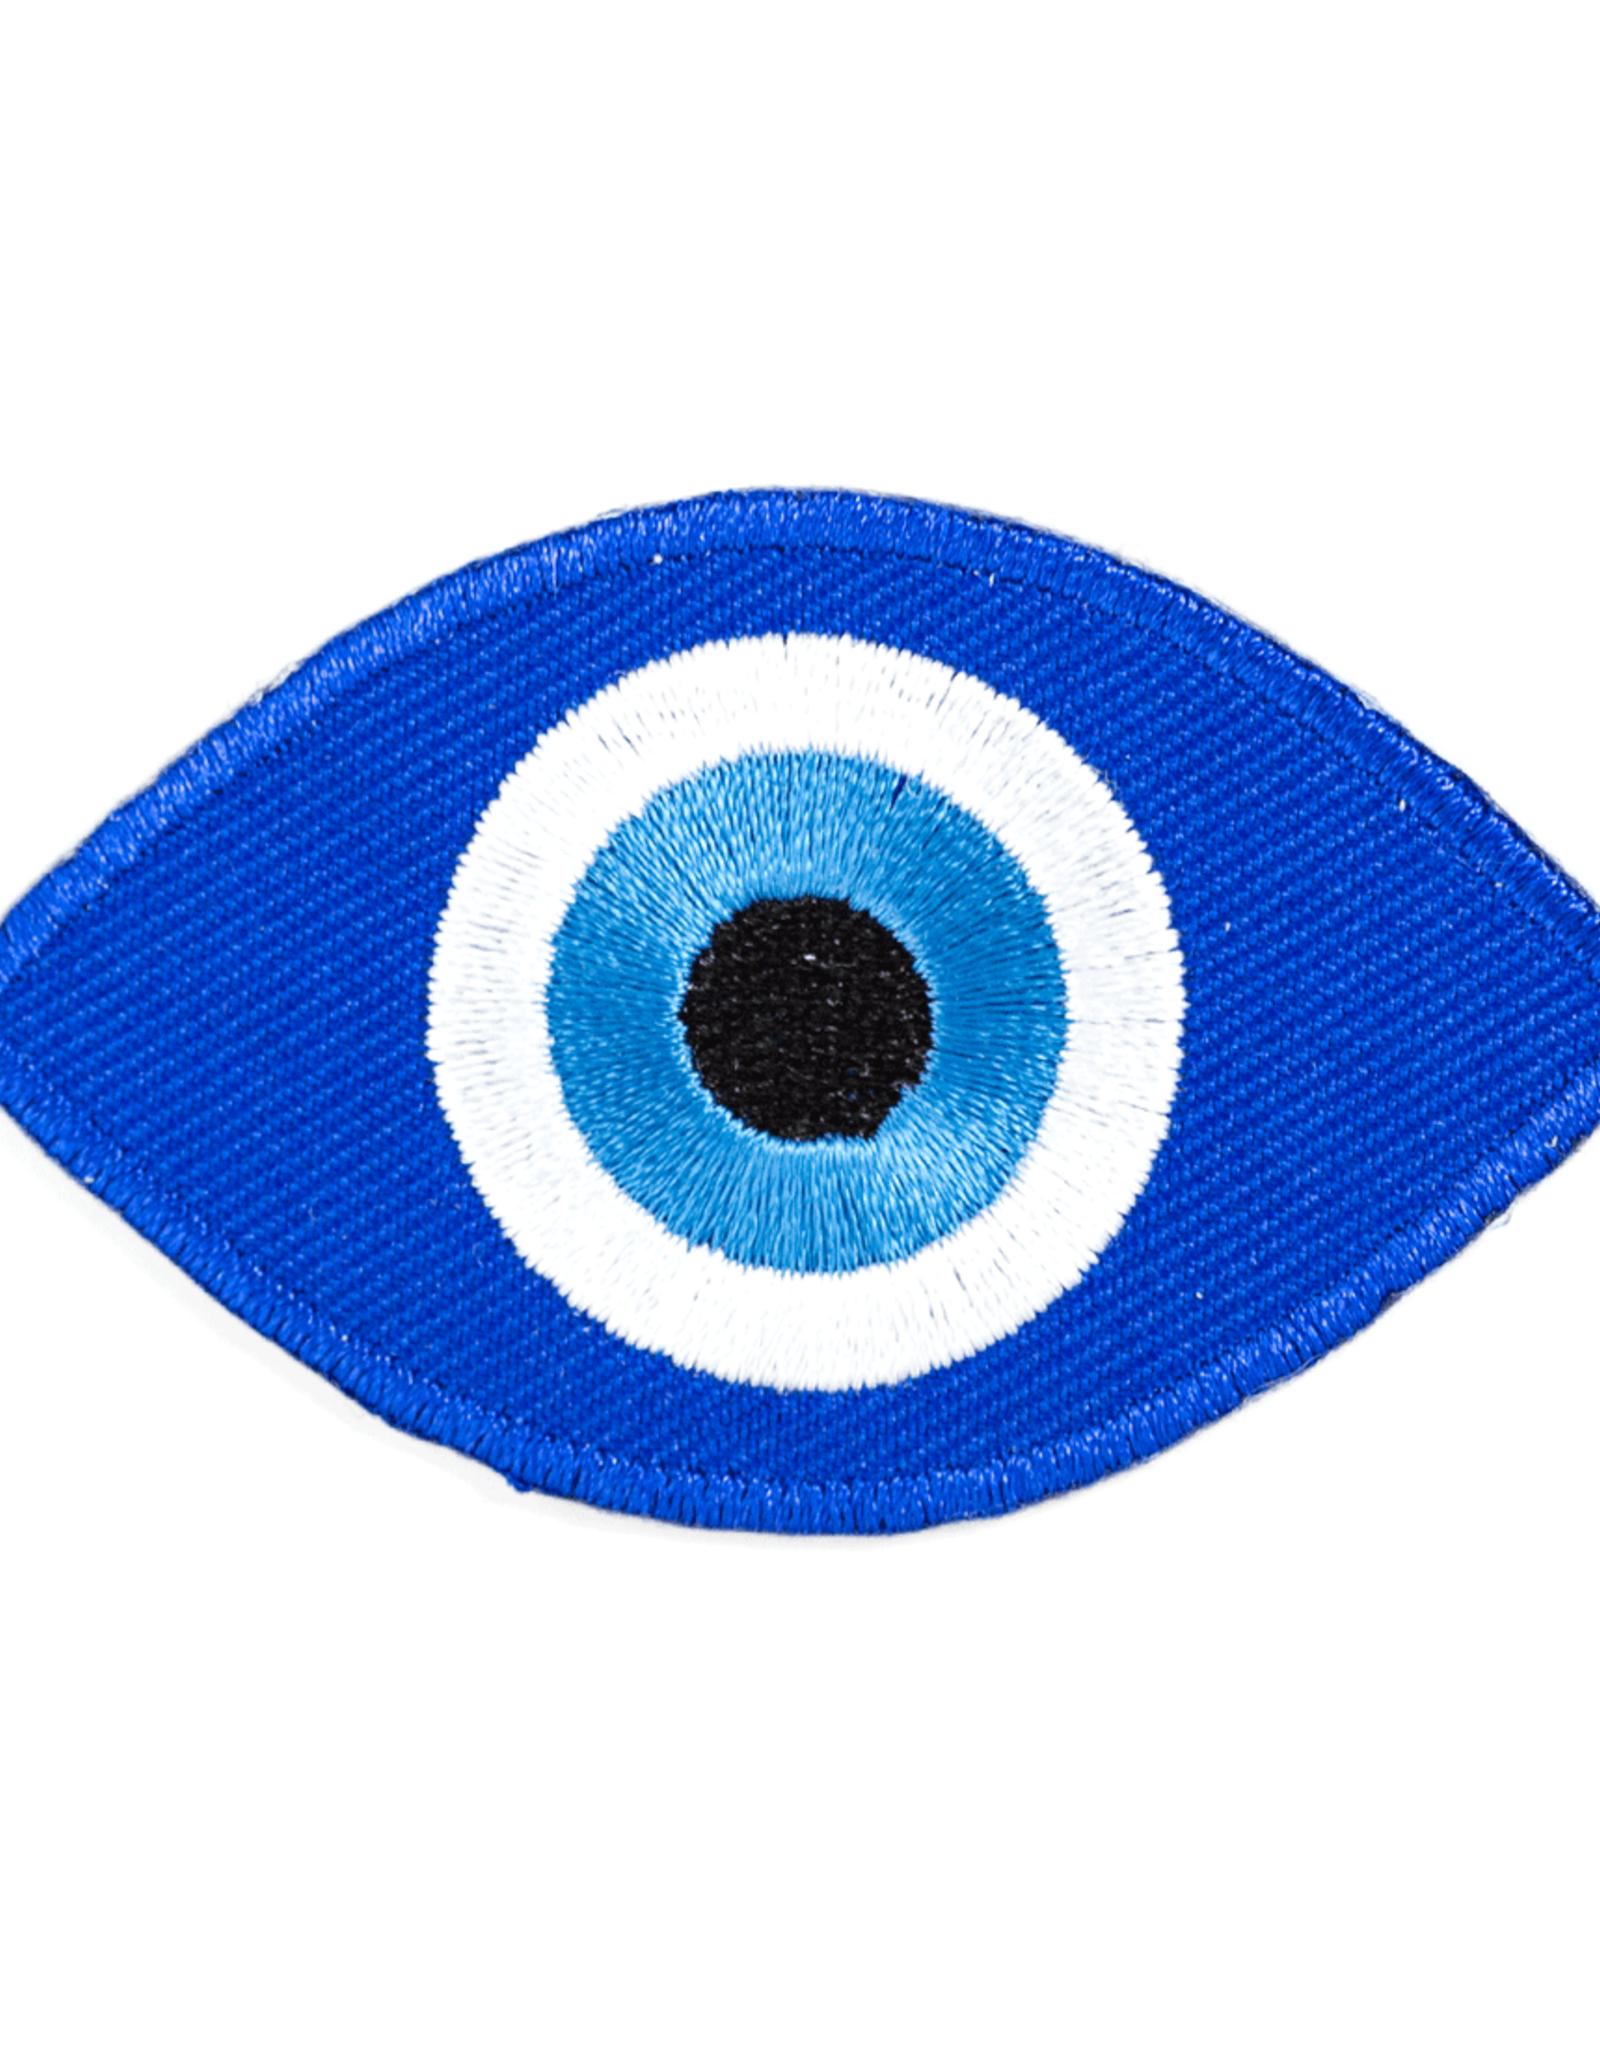 Patch - Evil Eye